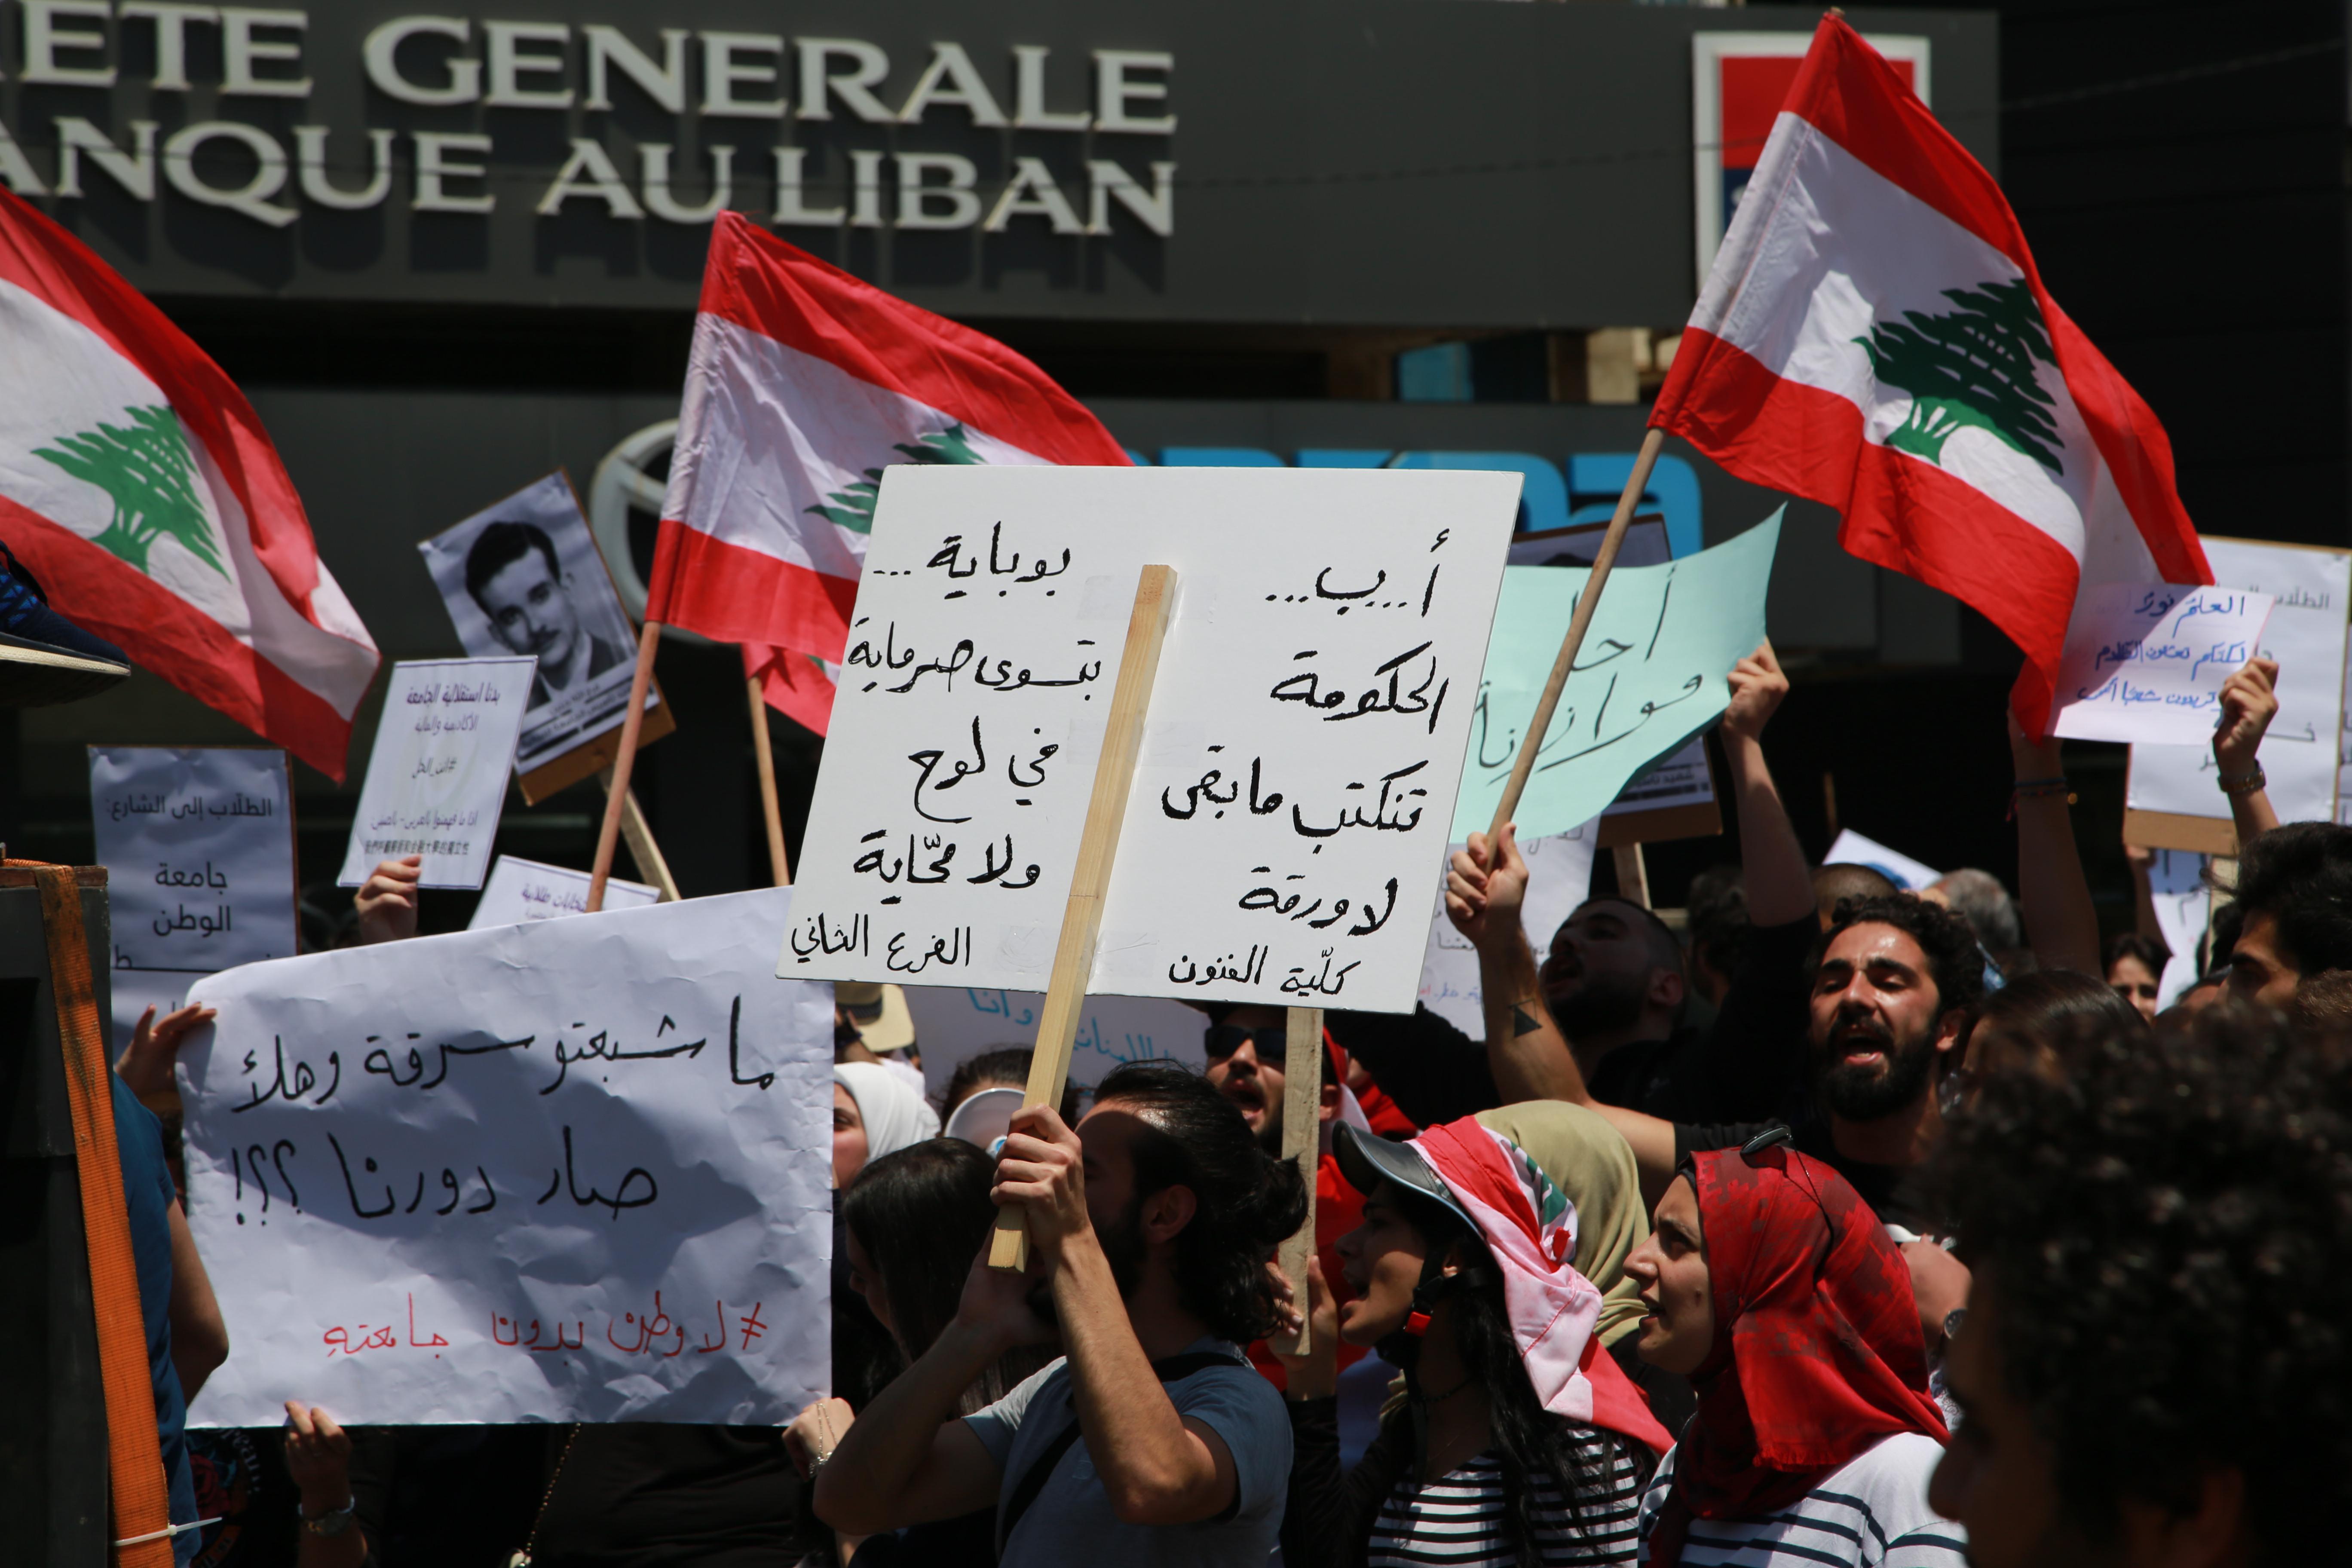 من الاعتصامات التي تطالب بحقوق الطلاب والاساتذة والجامعة اللبنانية (محسن الظاهر)